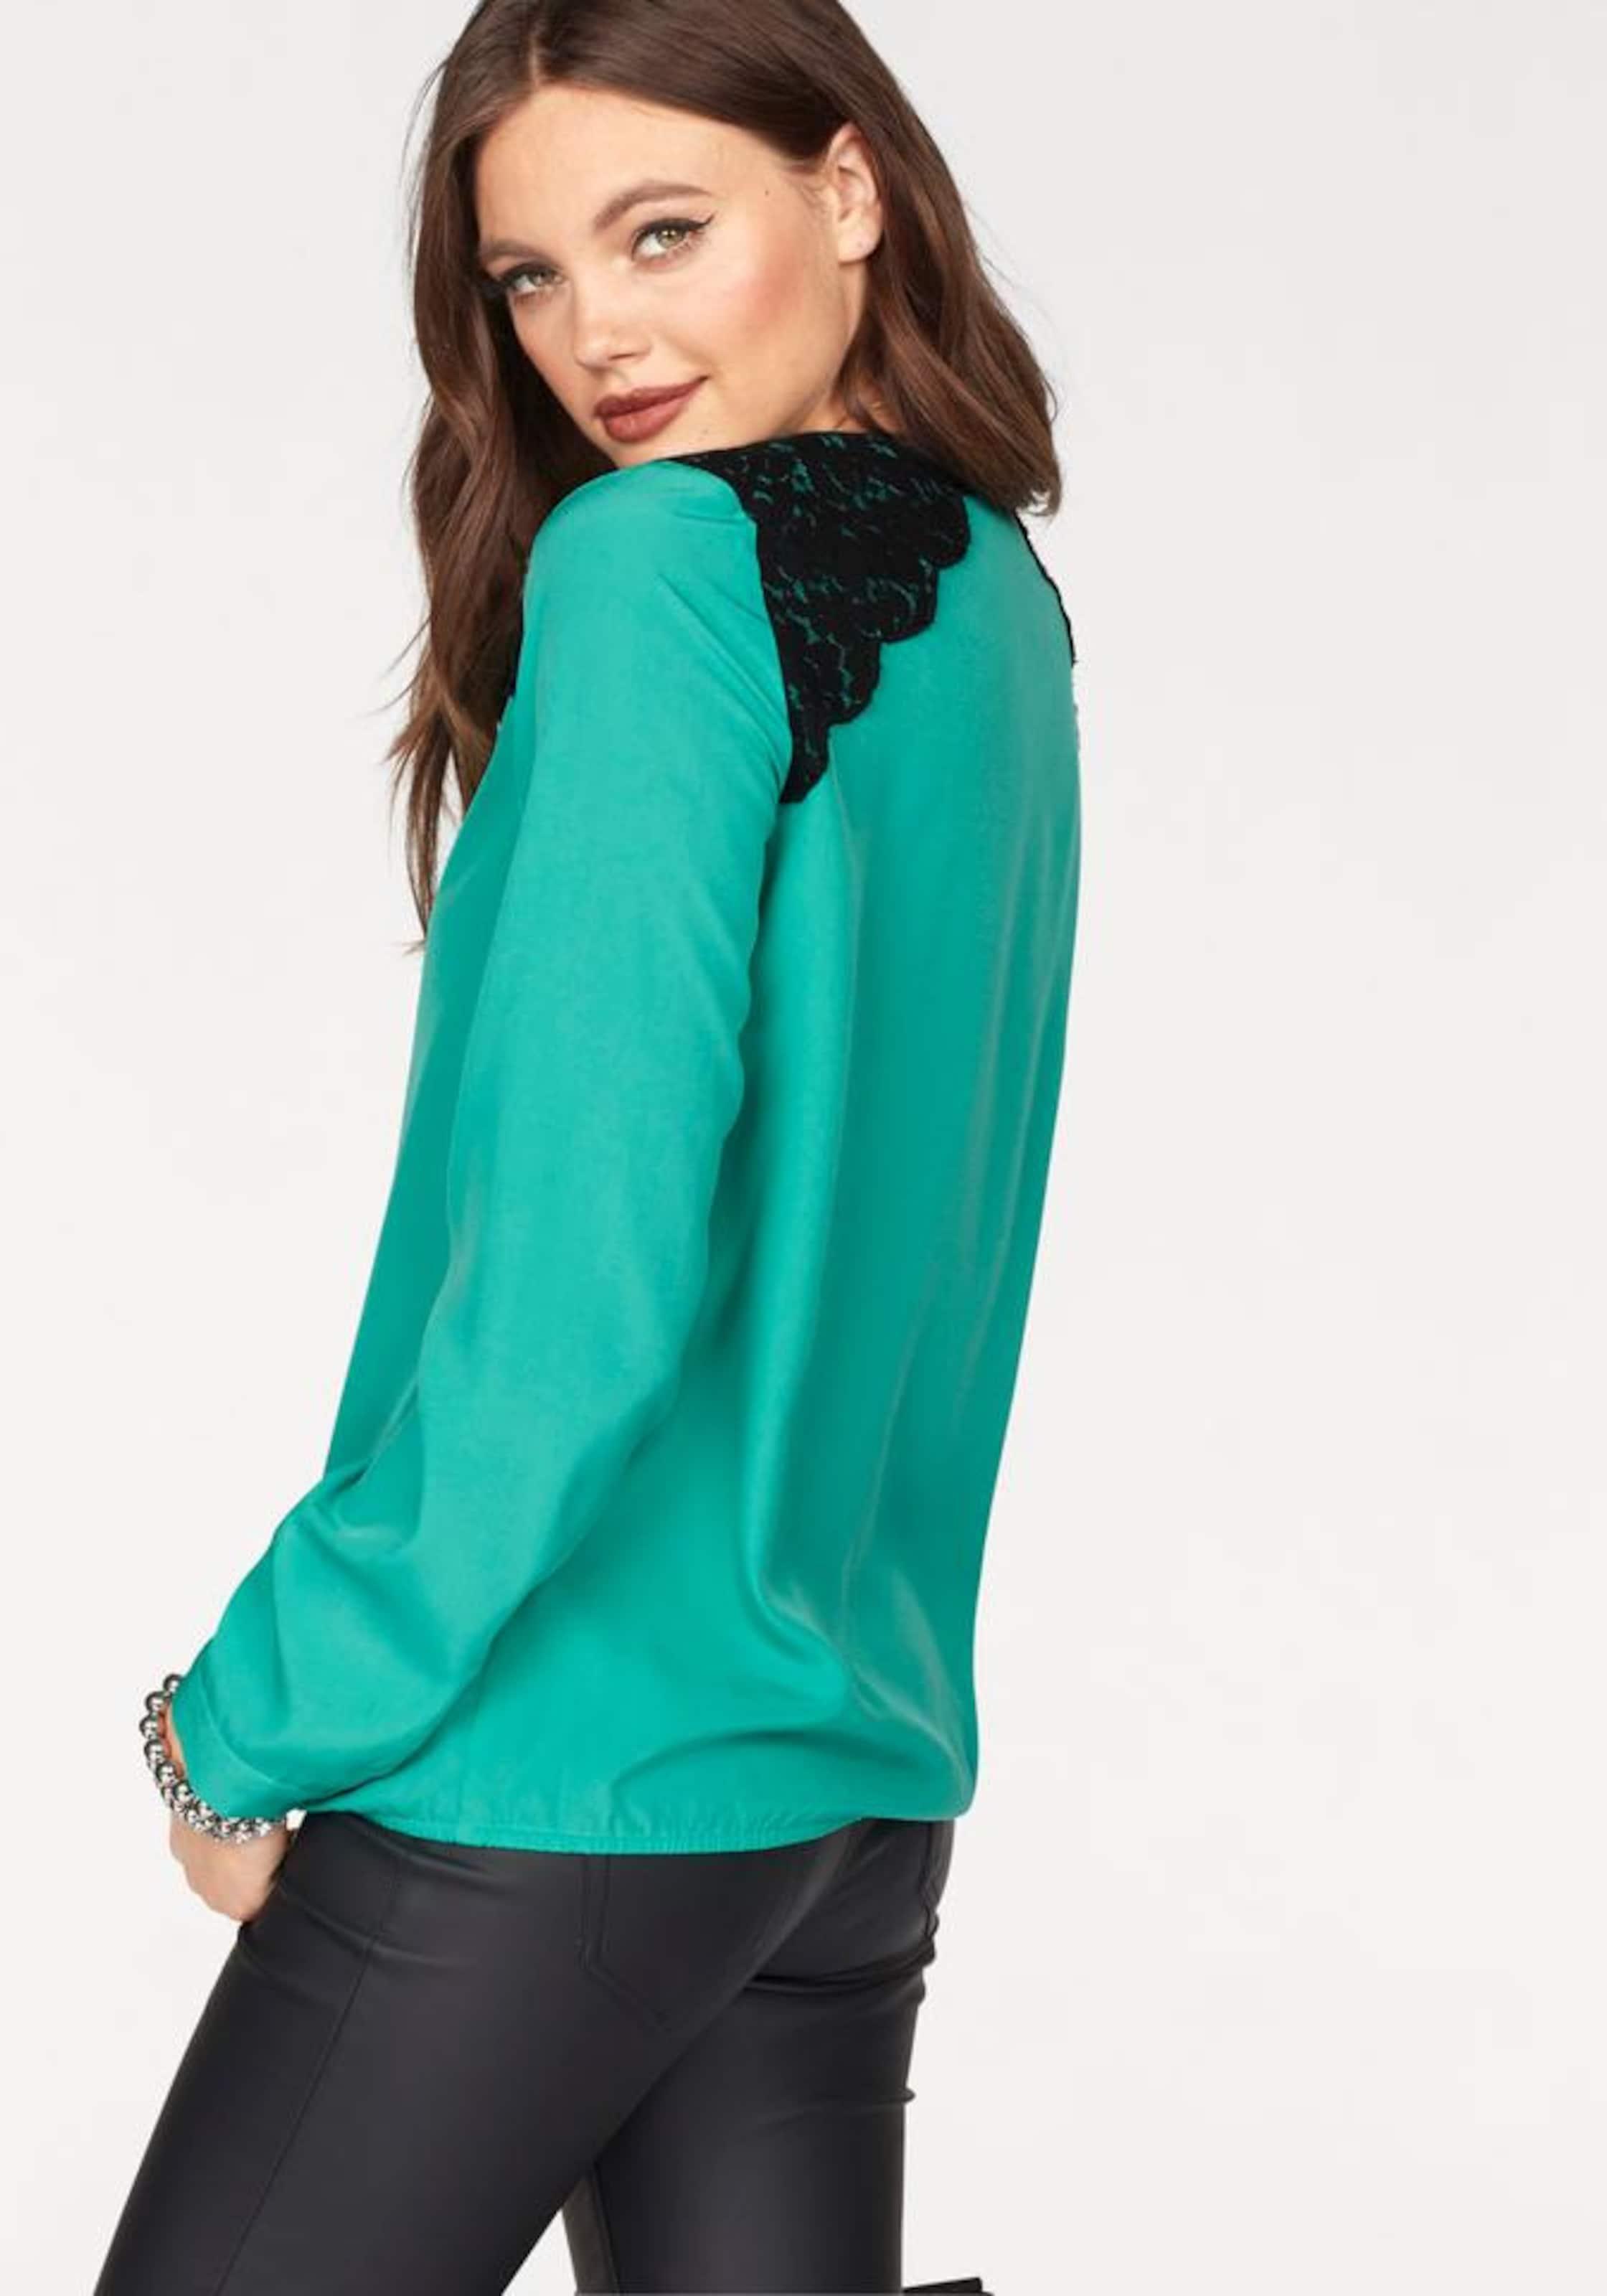 Erhalten Online Kaufen MELROSE Crepebluse Mode-Stil Online-Verkauf Online Bestellen Verkauf Neueste Angebot Zum Verkauf T1Yz0ELY1